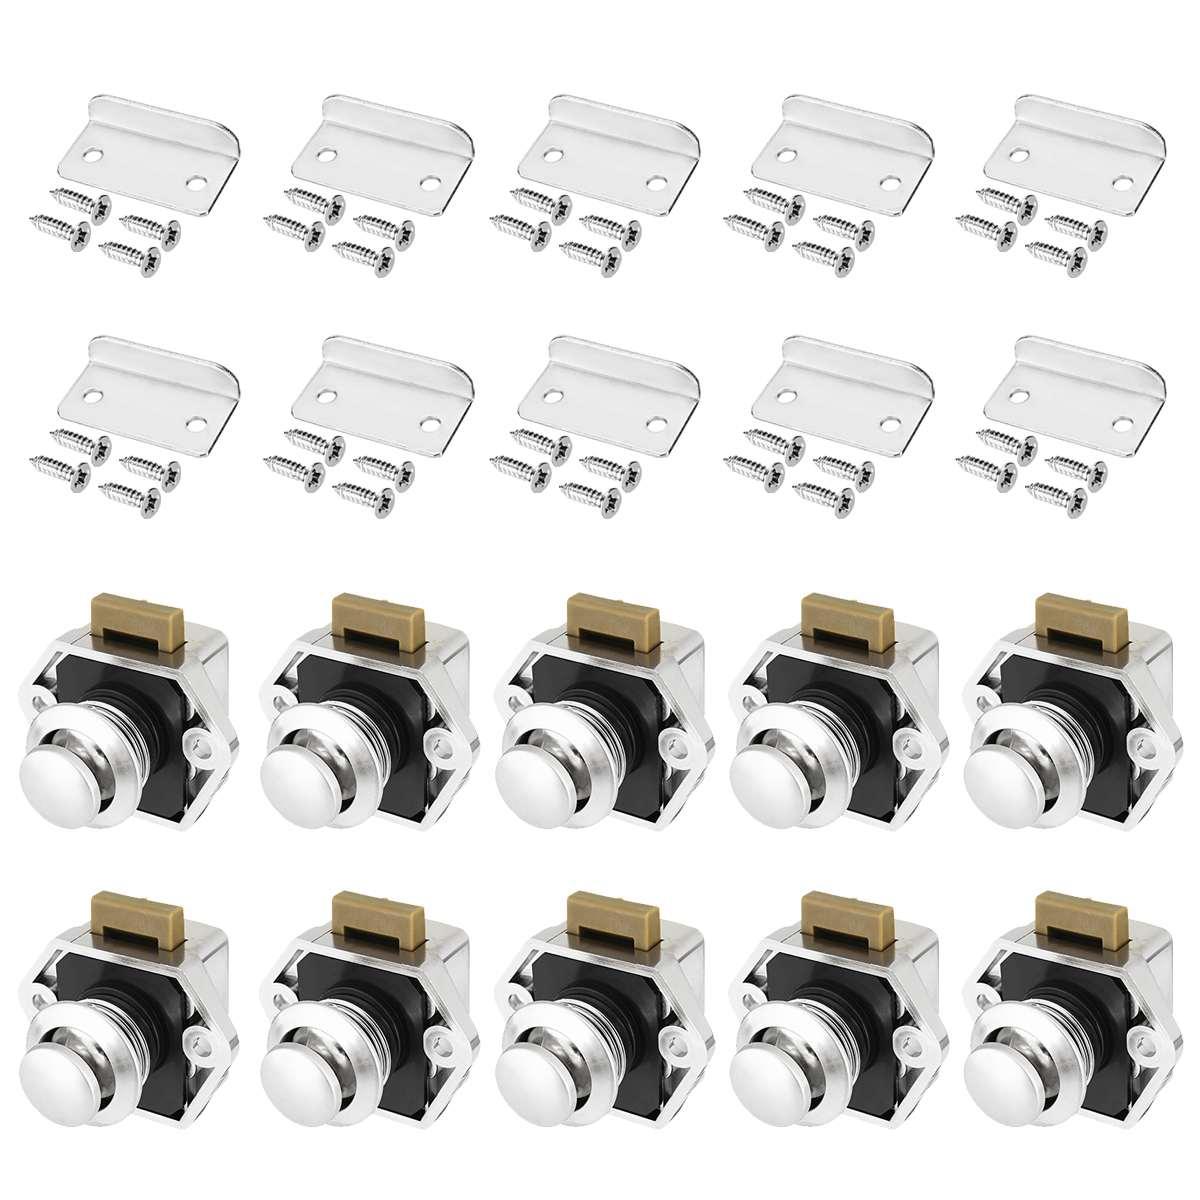 10 pièces voiture Push Lock diamètre 20mm RV caravane bateau moteur maison armoire tiroir loquet bouton serrures pour matériel de meubles